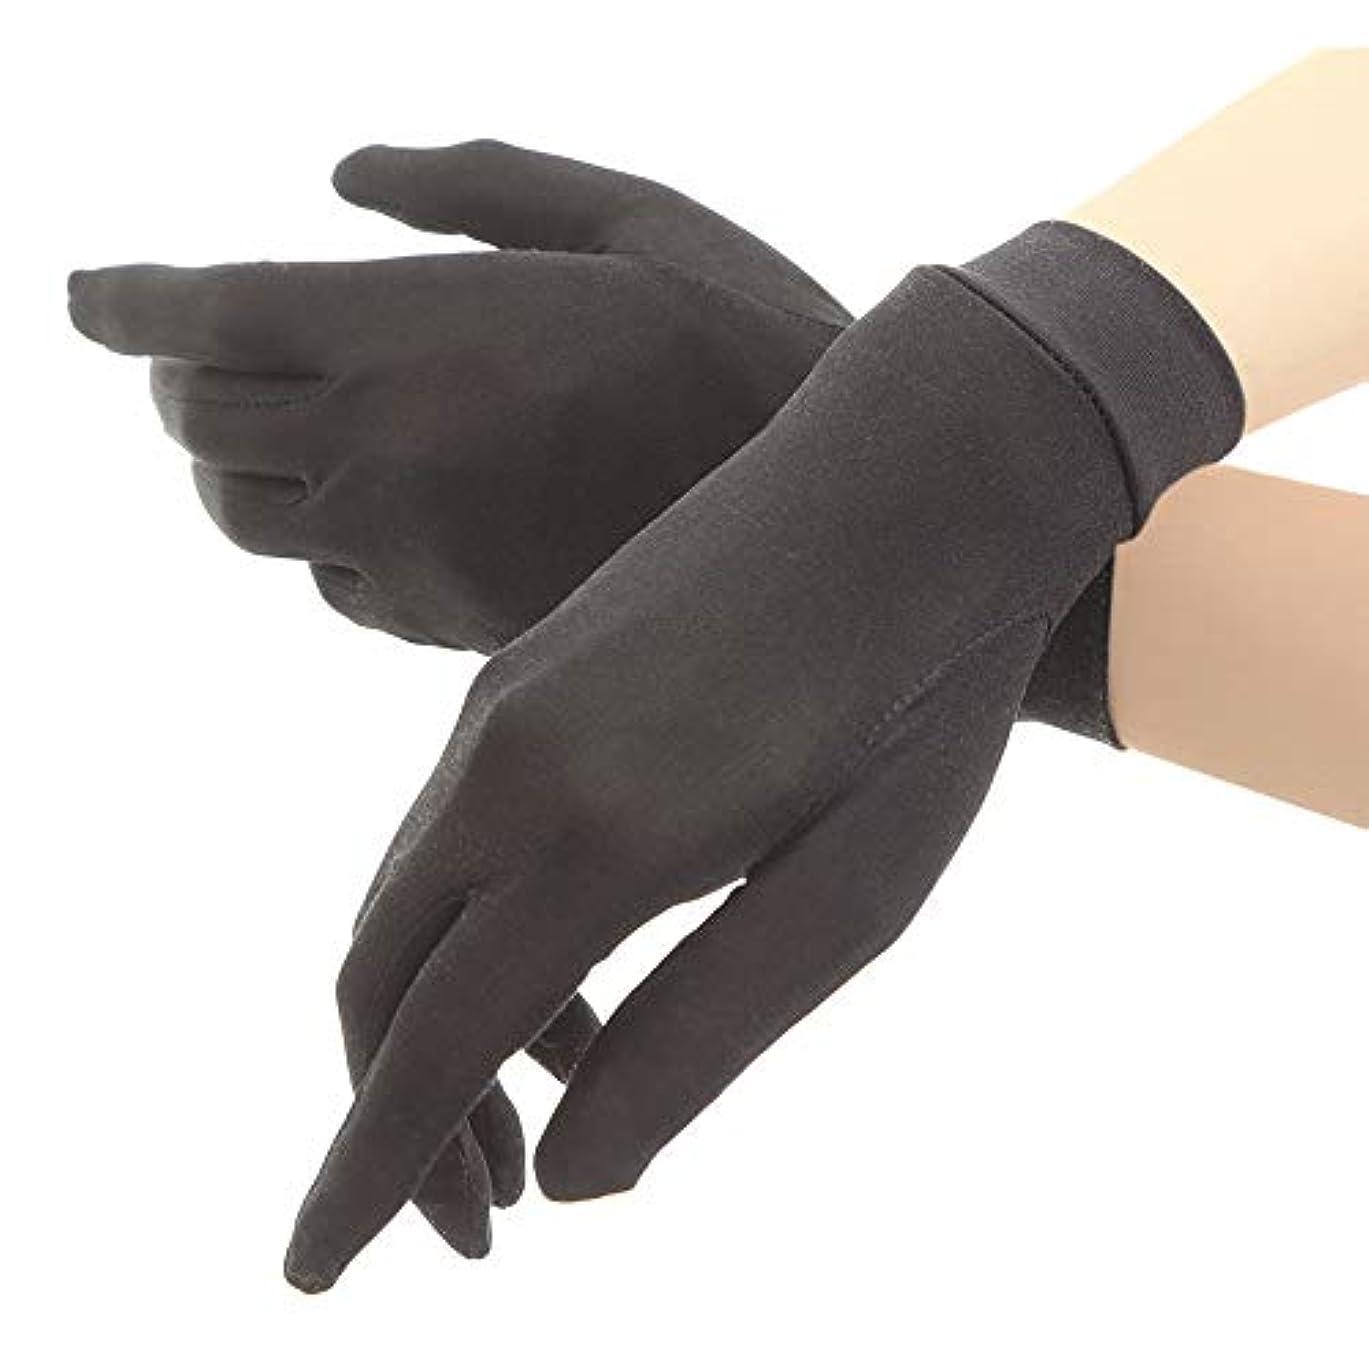 発生テセウス通り抜けるシルク手袋 レディース 手袋 シルク 絹 ハンド ケア 保湿 紫外線 肌荒れ 乾燥 サイズアップで手指にマッチ 【macch】